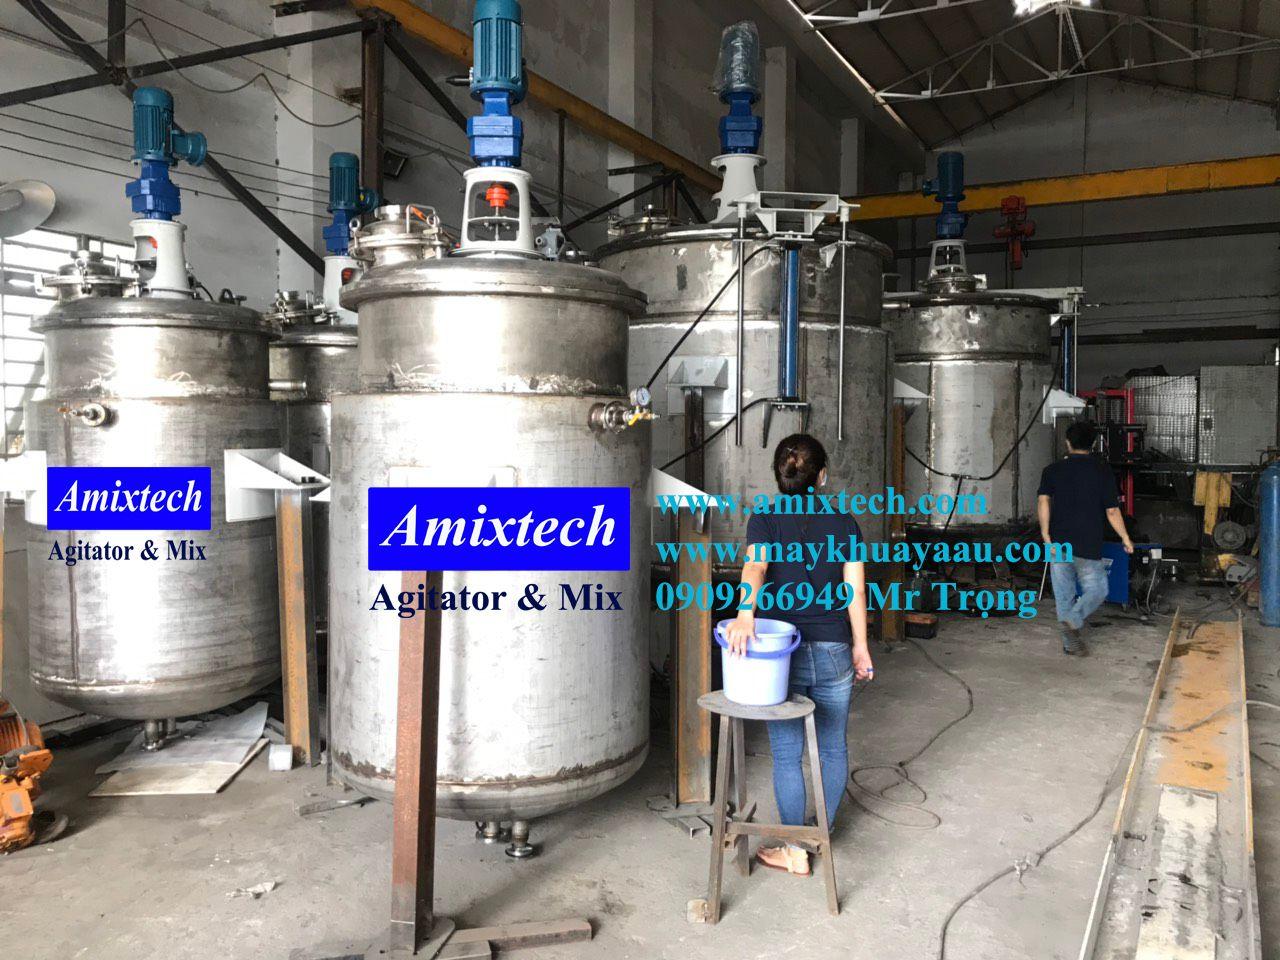 bồn khuấy hóa chất công nghiệp